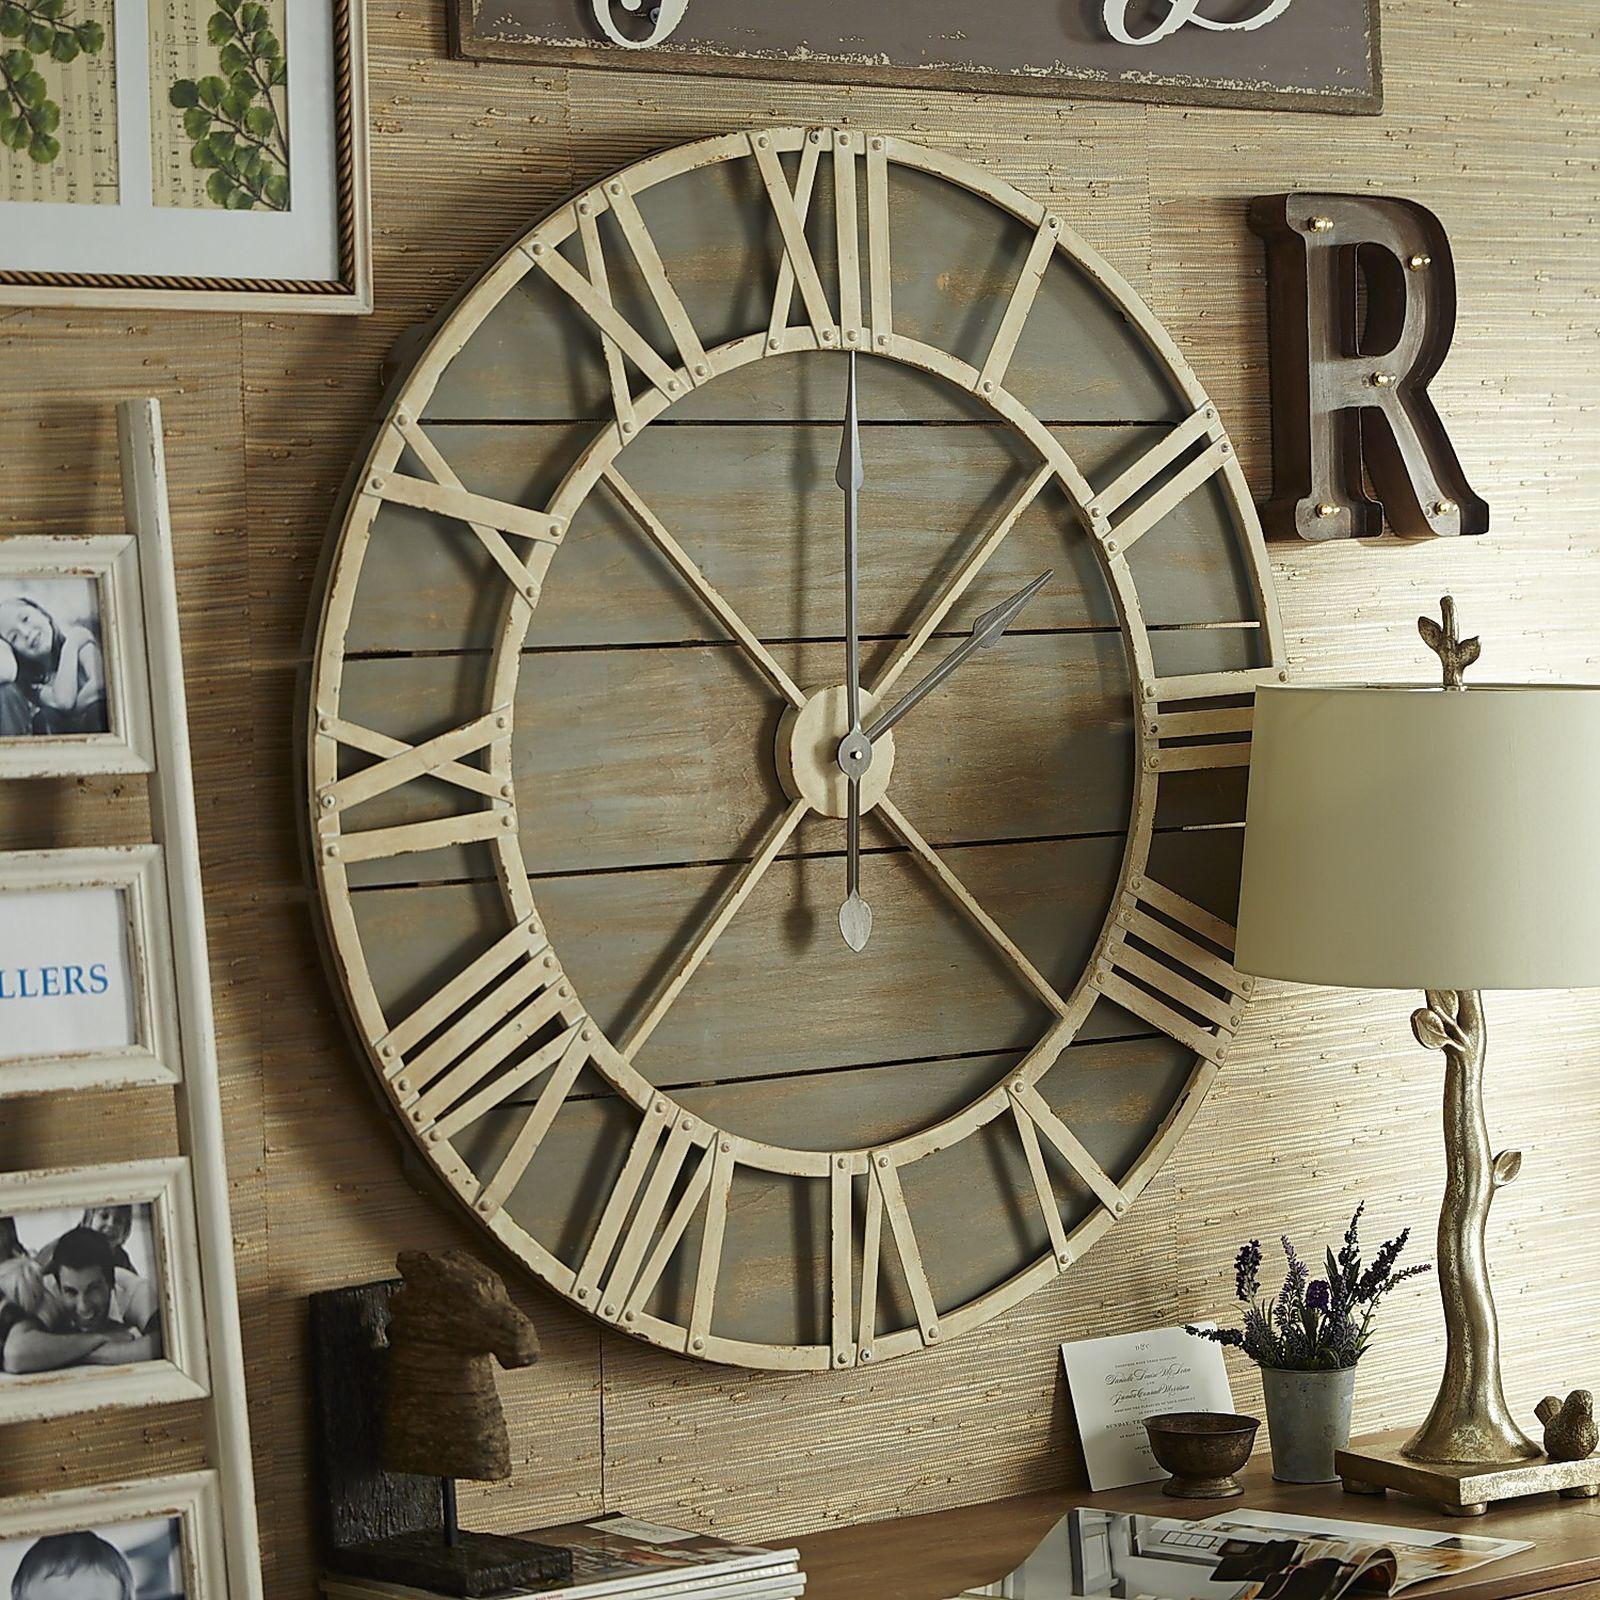 Oversize Gray Rustic Wall Clock Rustic Wall Clocks